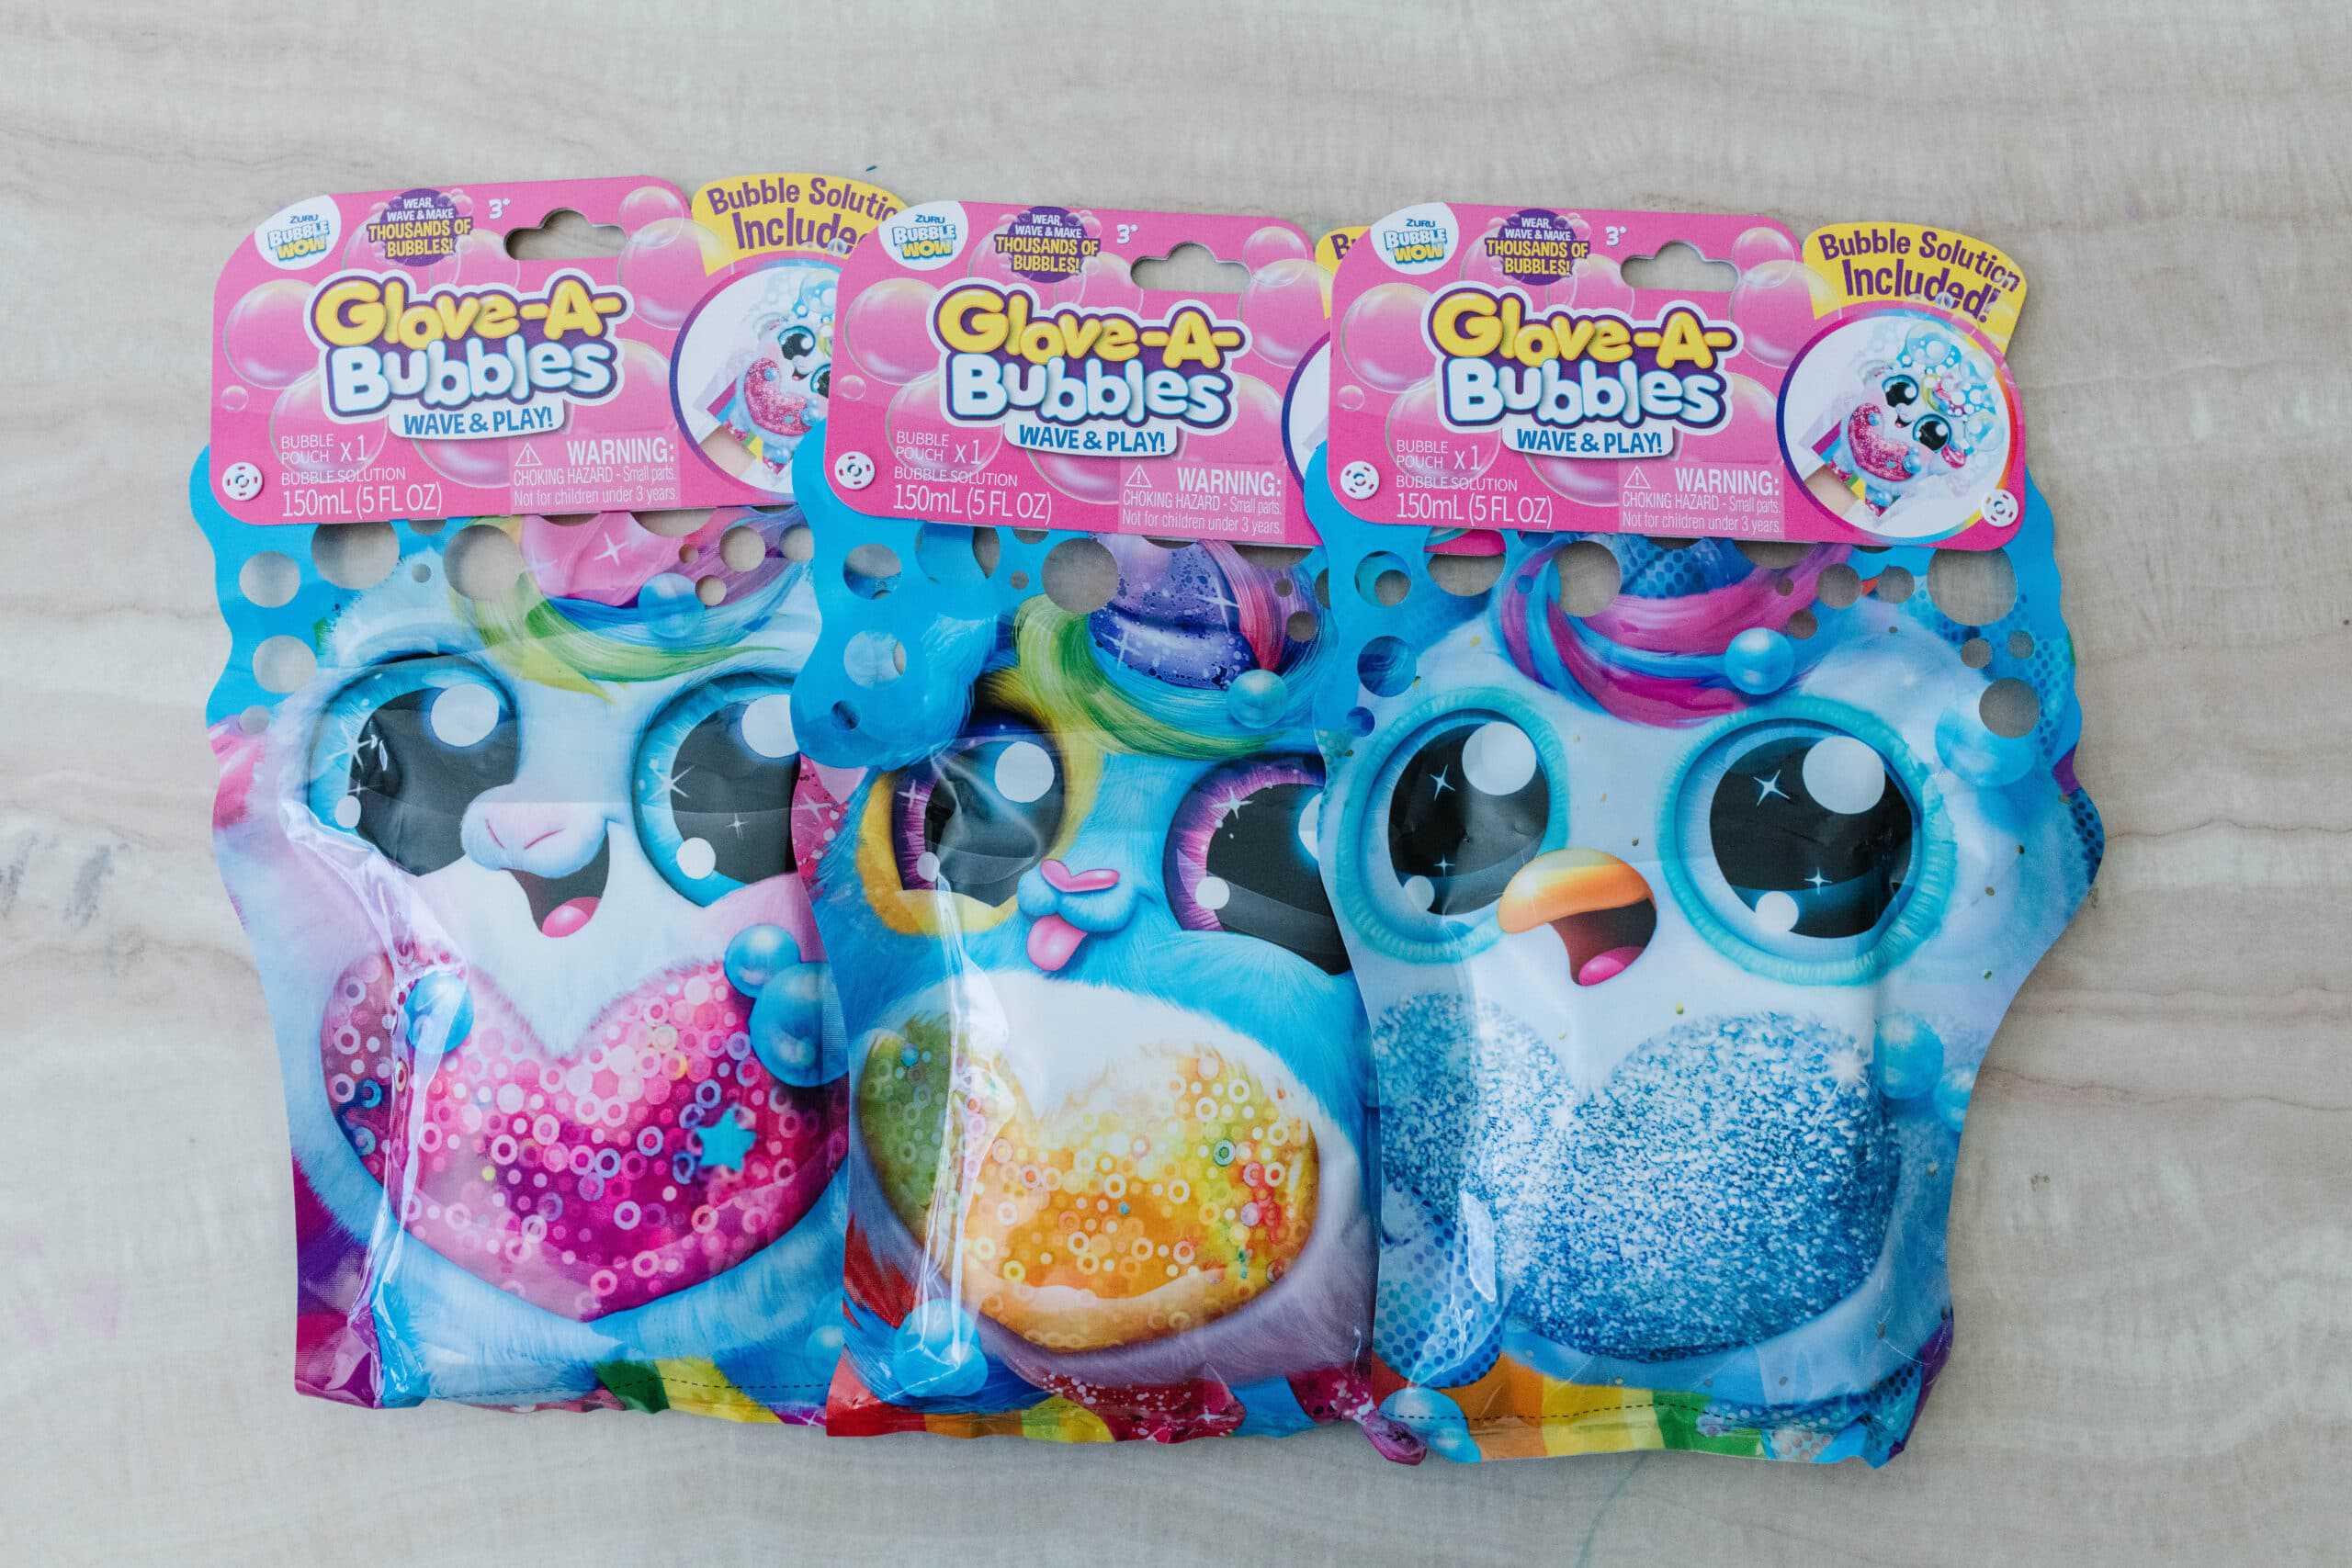 Glove-A-Bubbles from ZURU